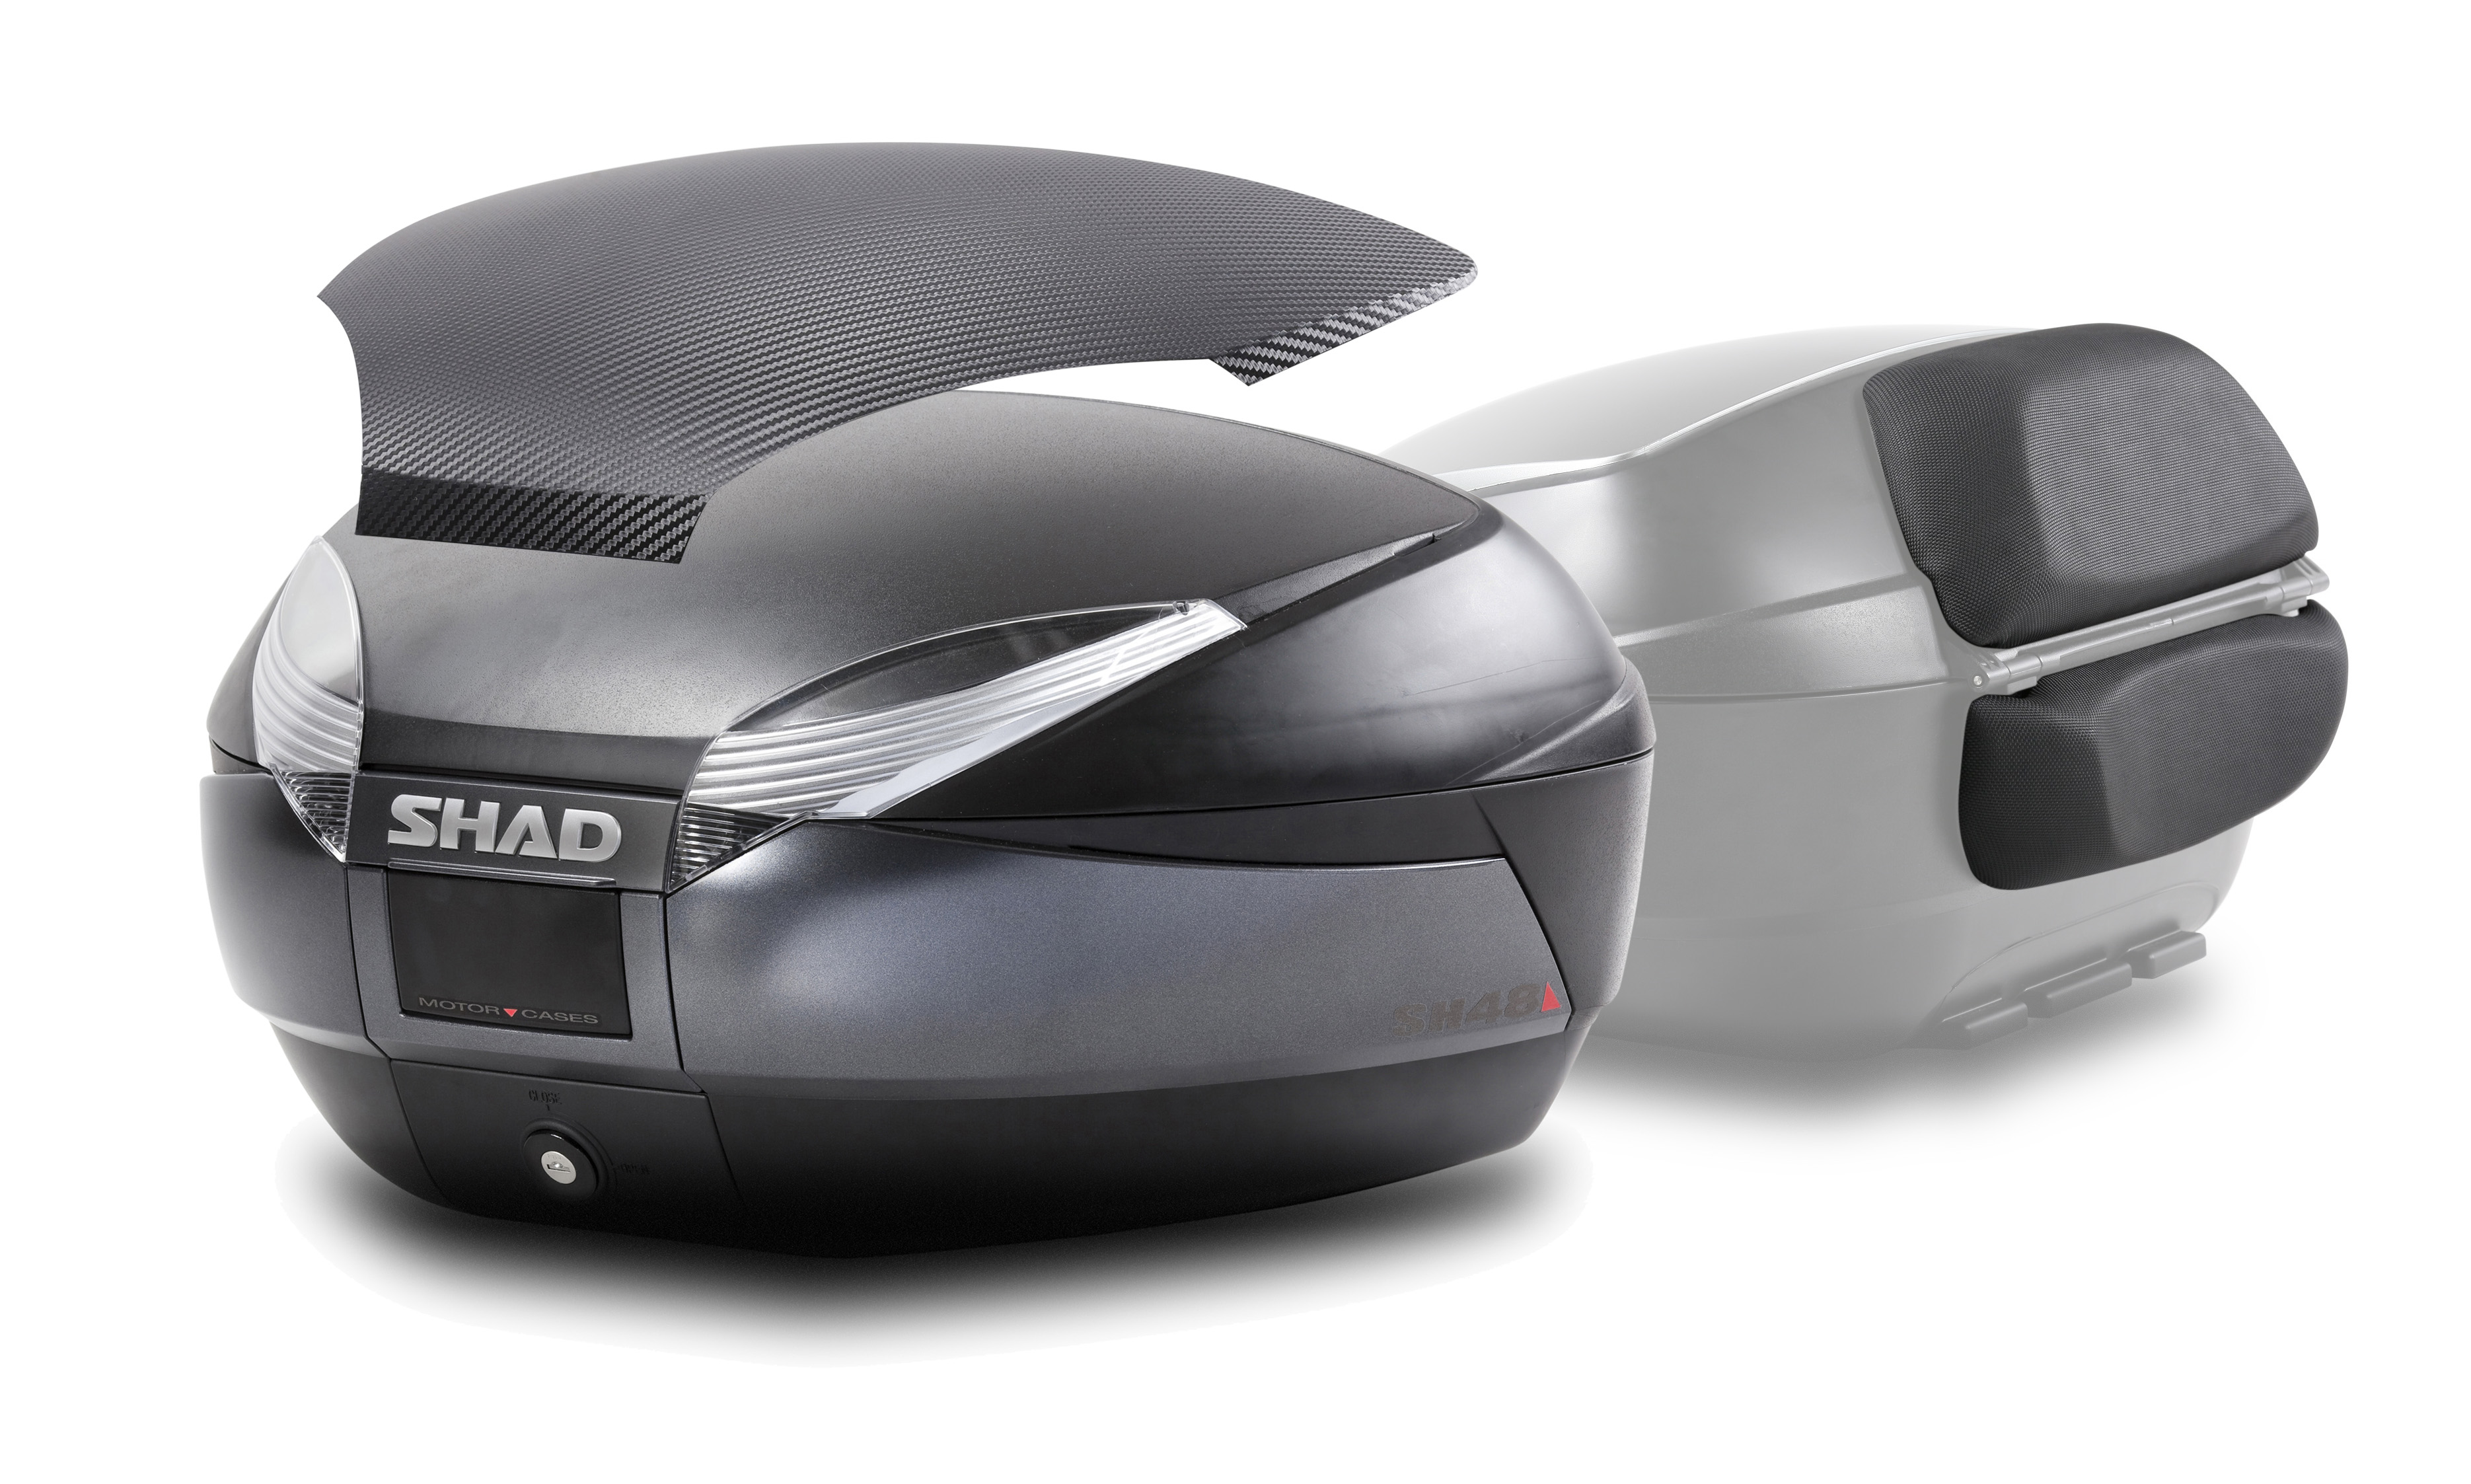 Baúl Shad SH48 en Gris oscuro con tapa de carbono y respaldo